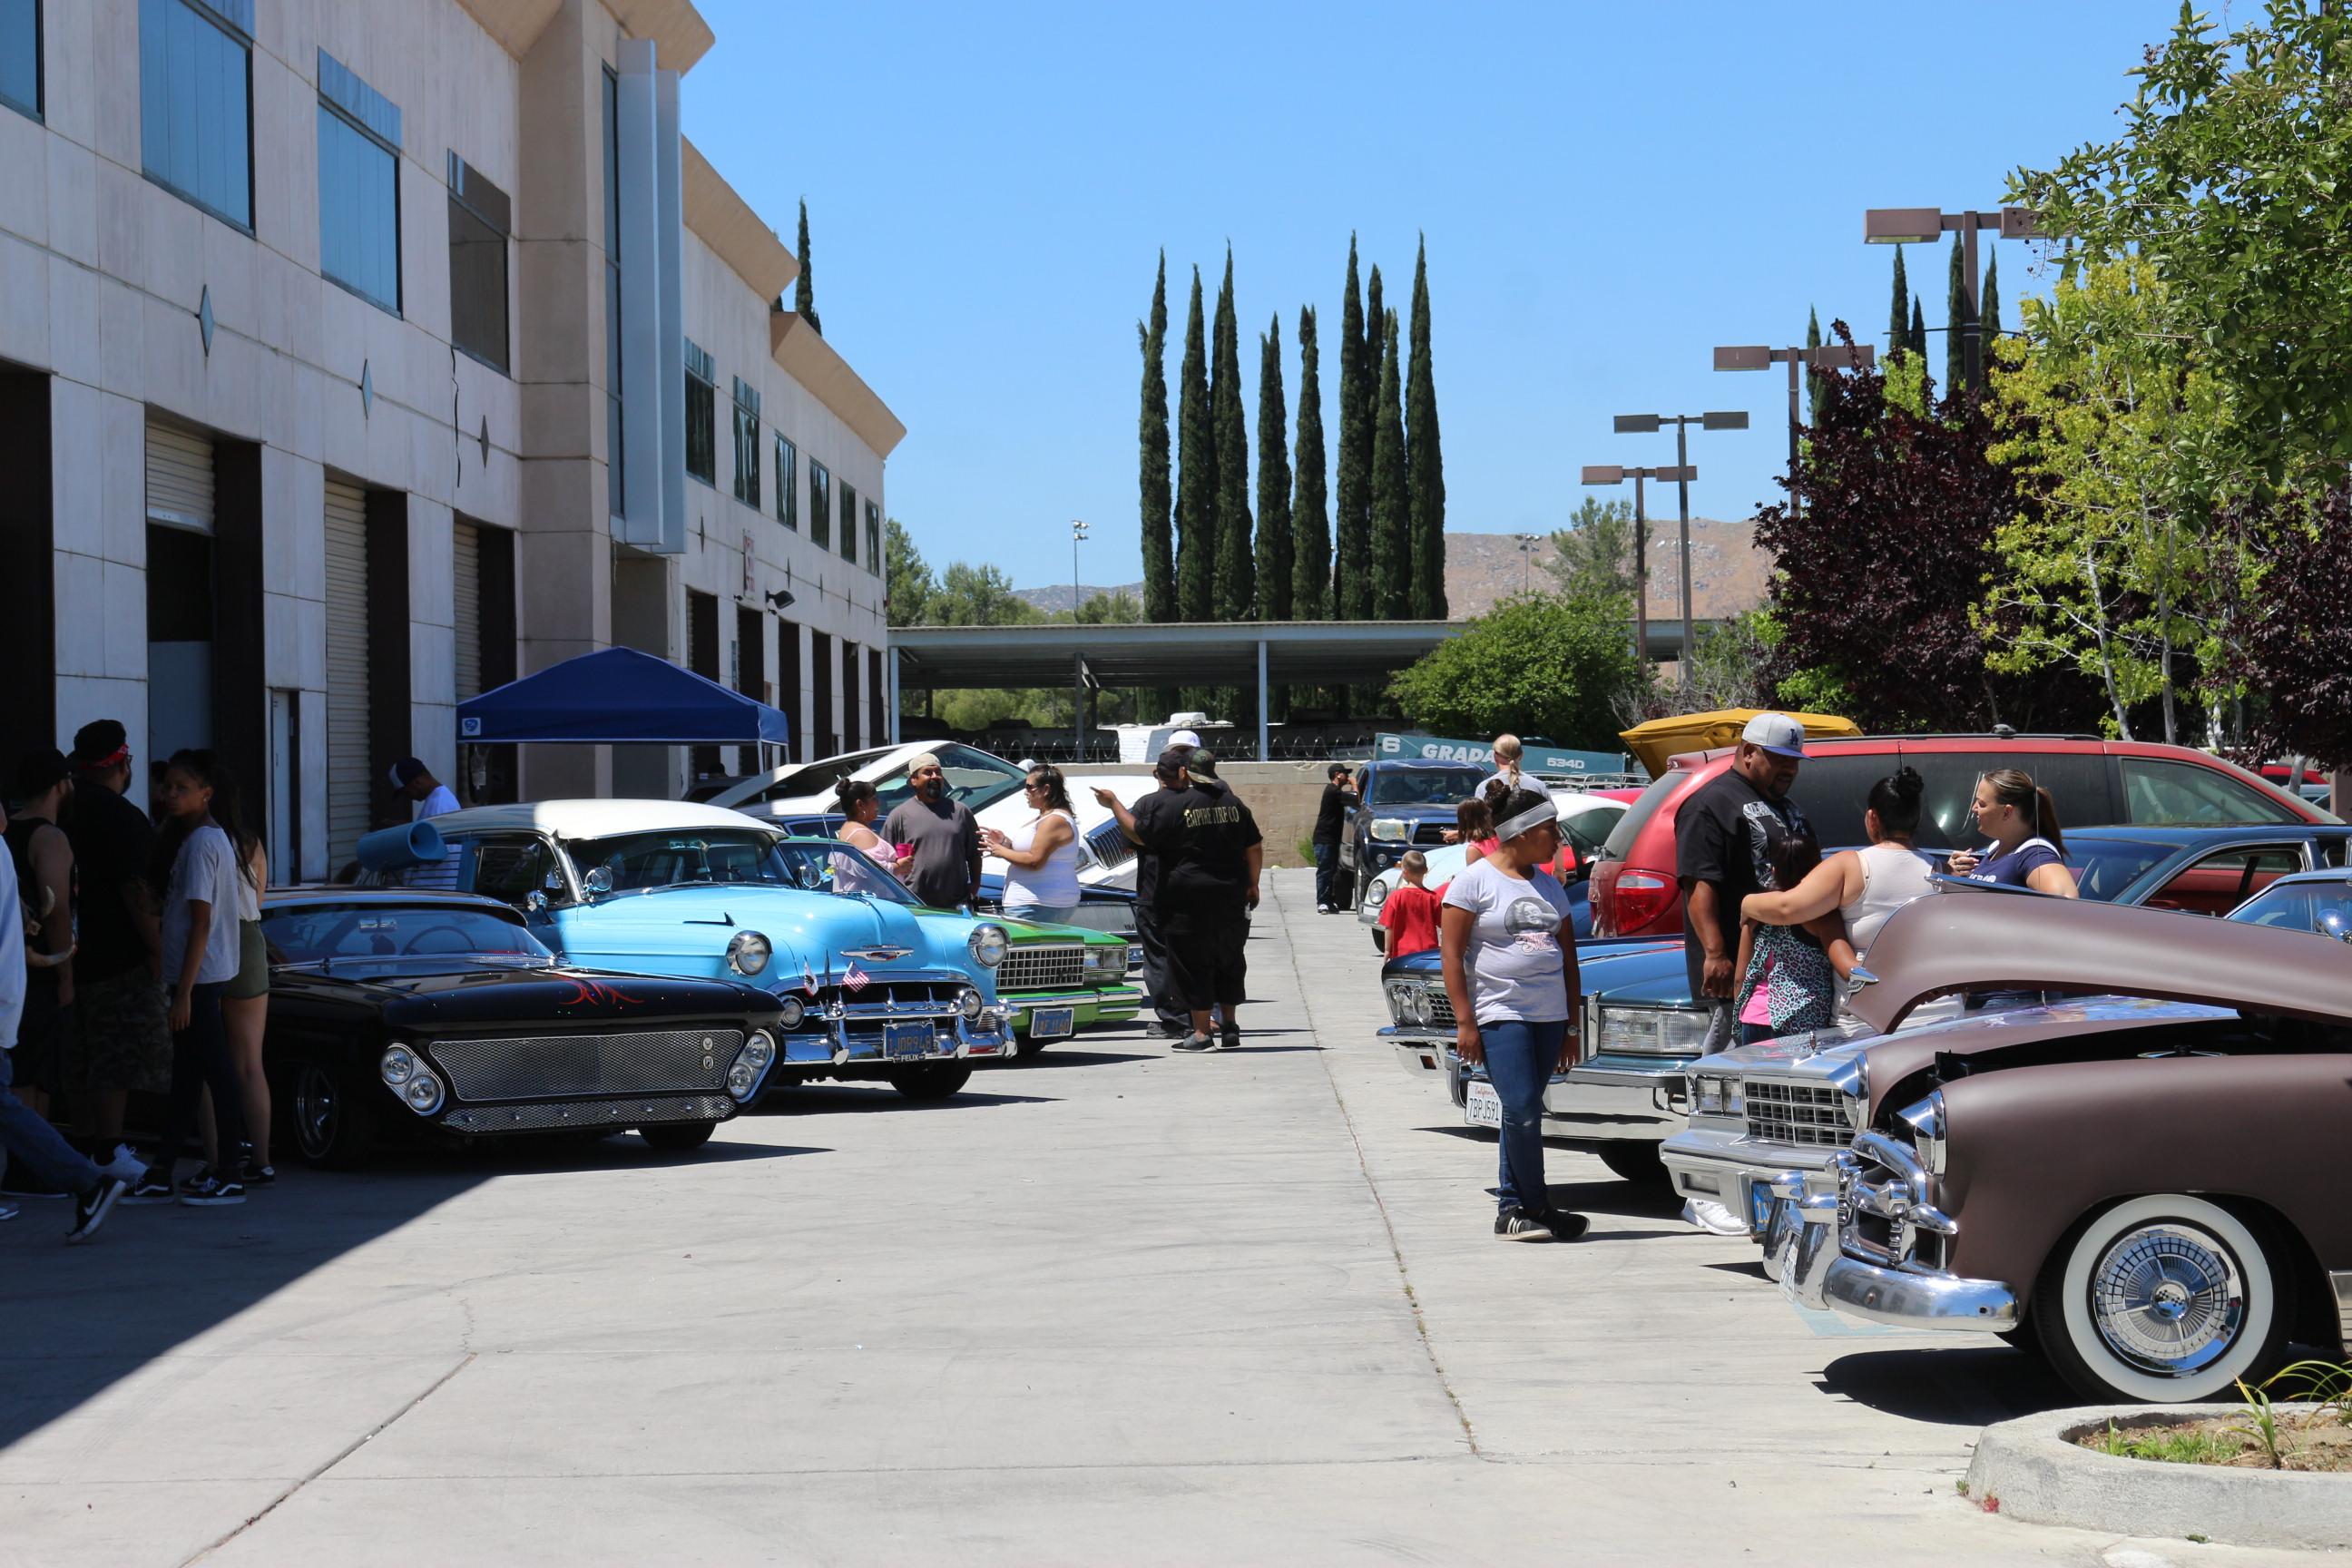 The Annual Car Show